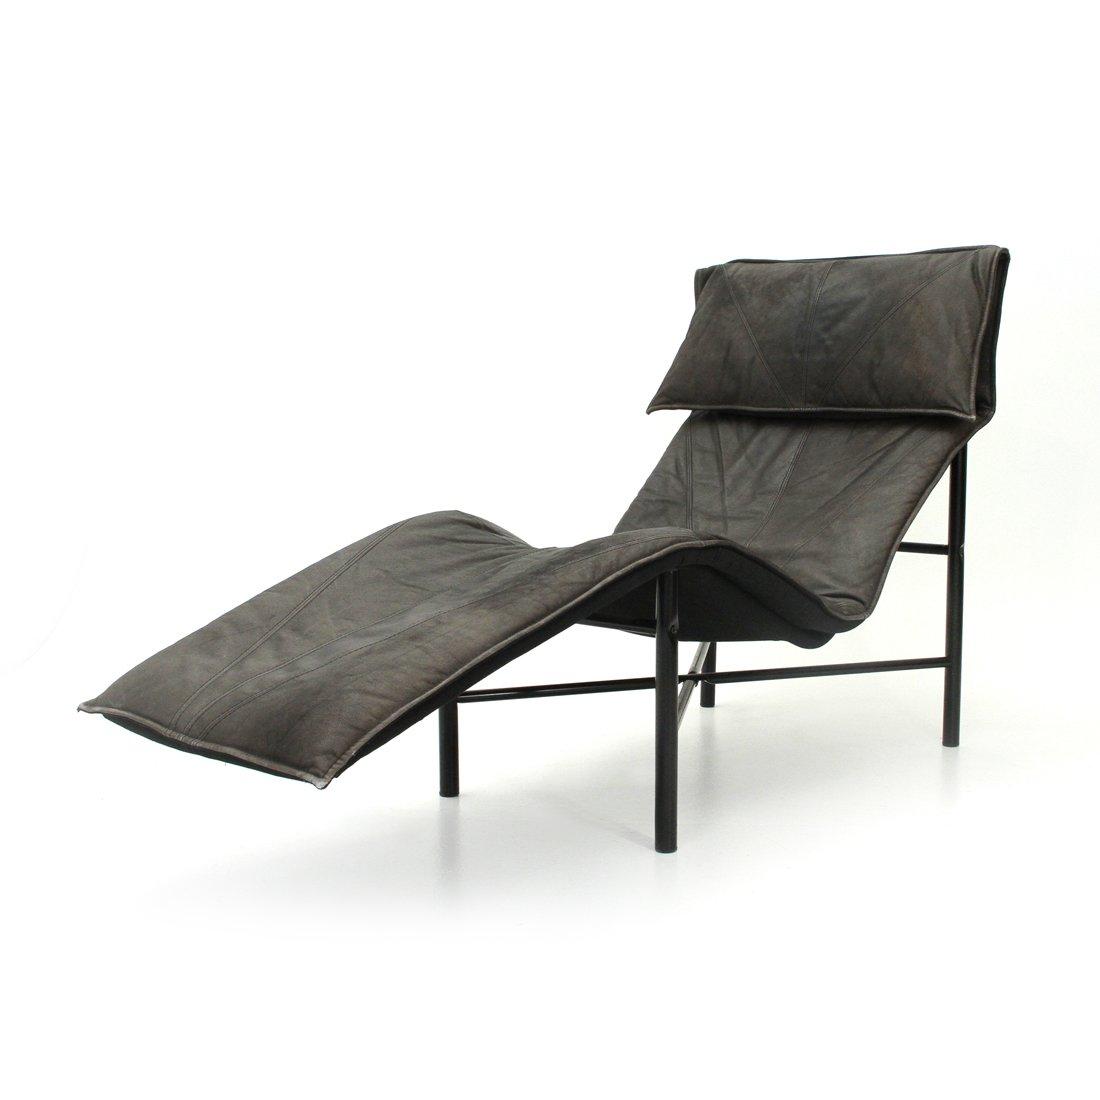 Chaise longue skye en cuir par tord bj rklund pour ikea 1970s en vente sur pamono - Chaise longue en anglais ...